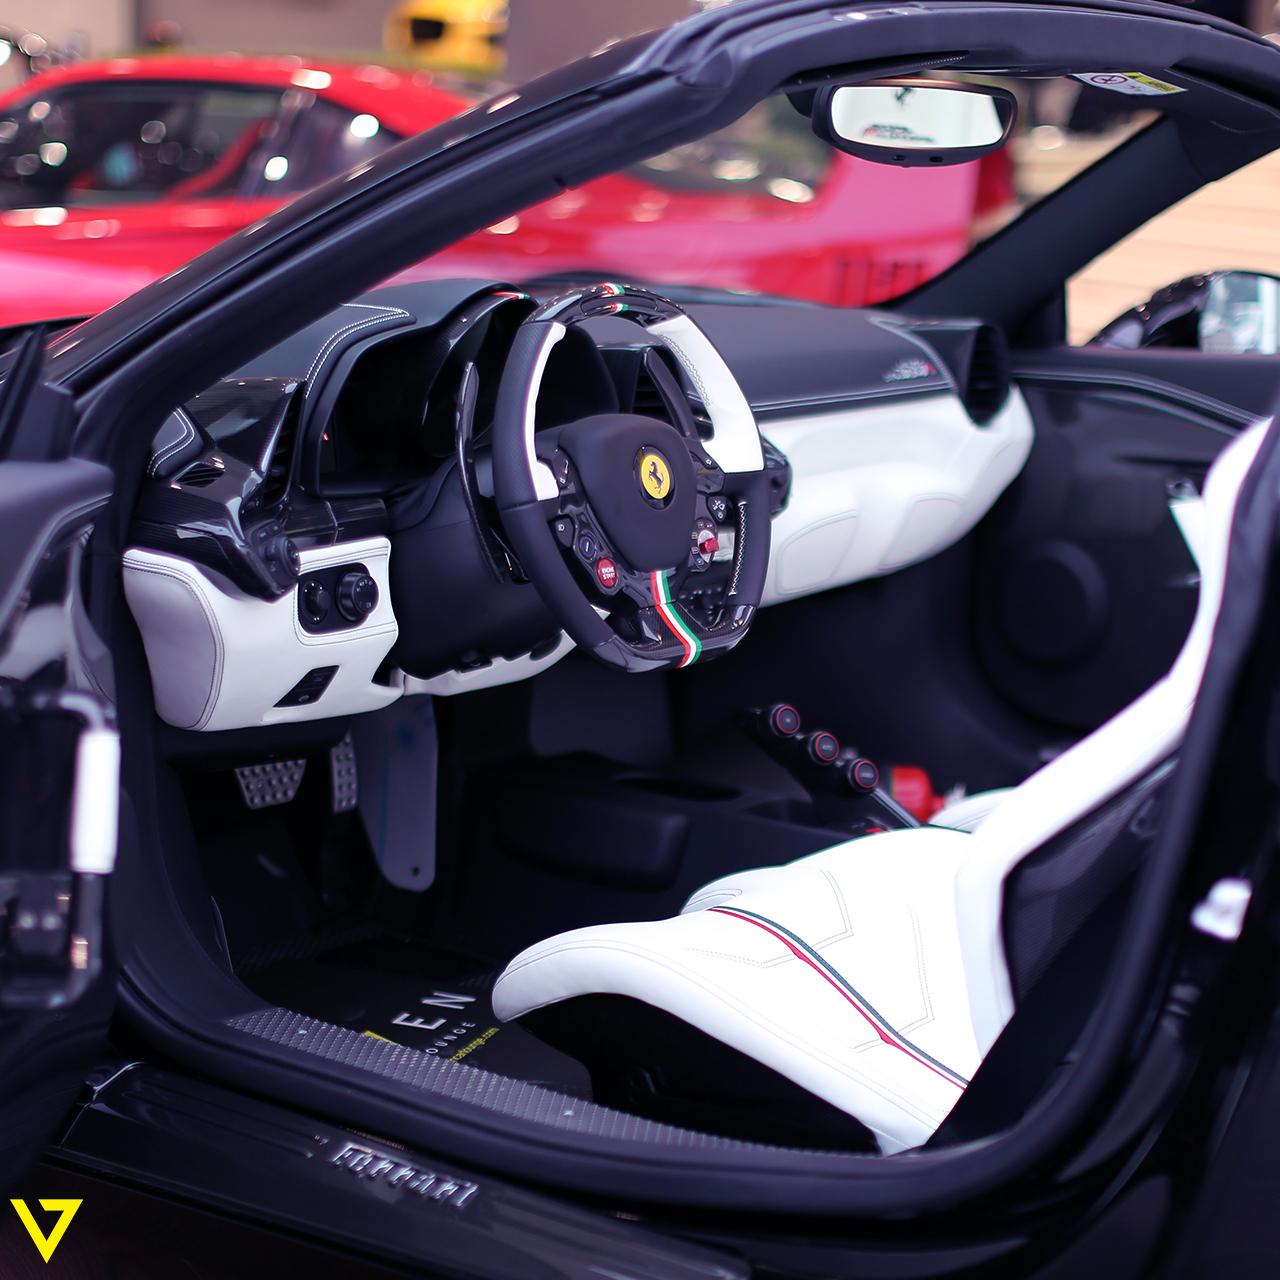 Αυτή η Ferrari 458 Speciale Aperta αναζητά ιδιοκτήτη και